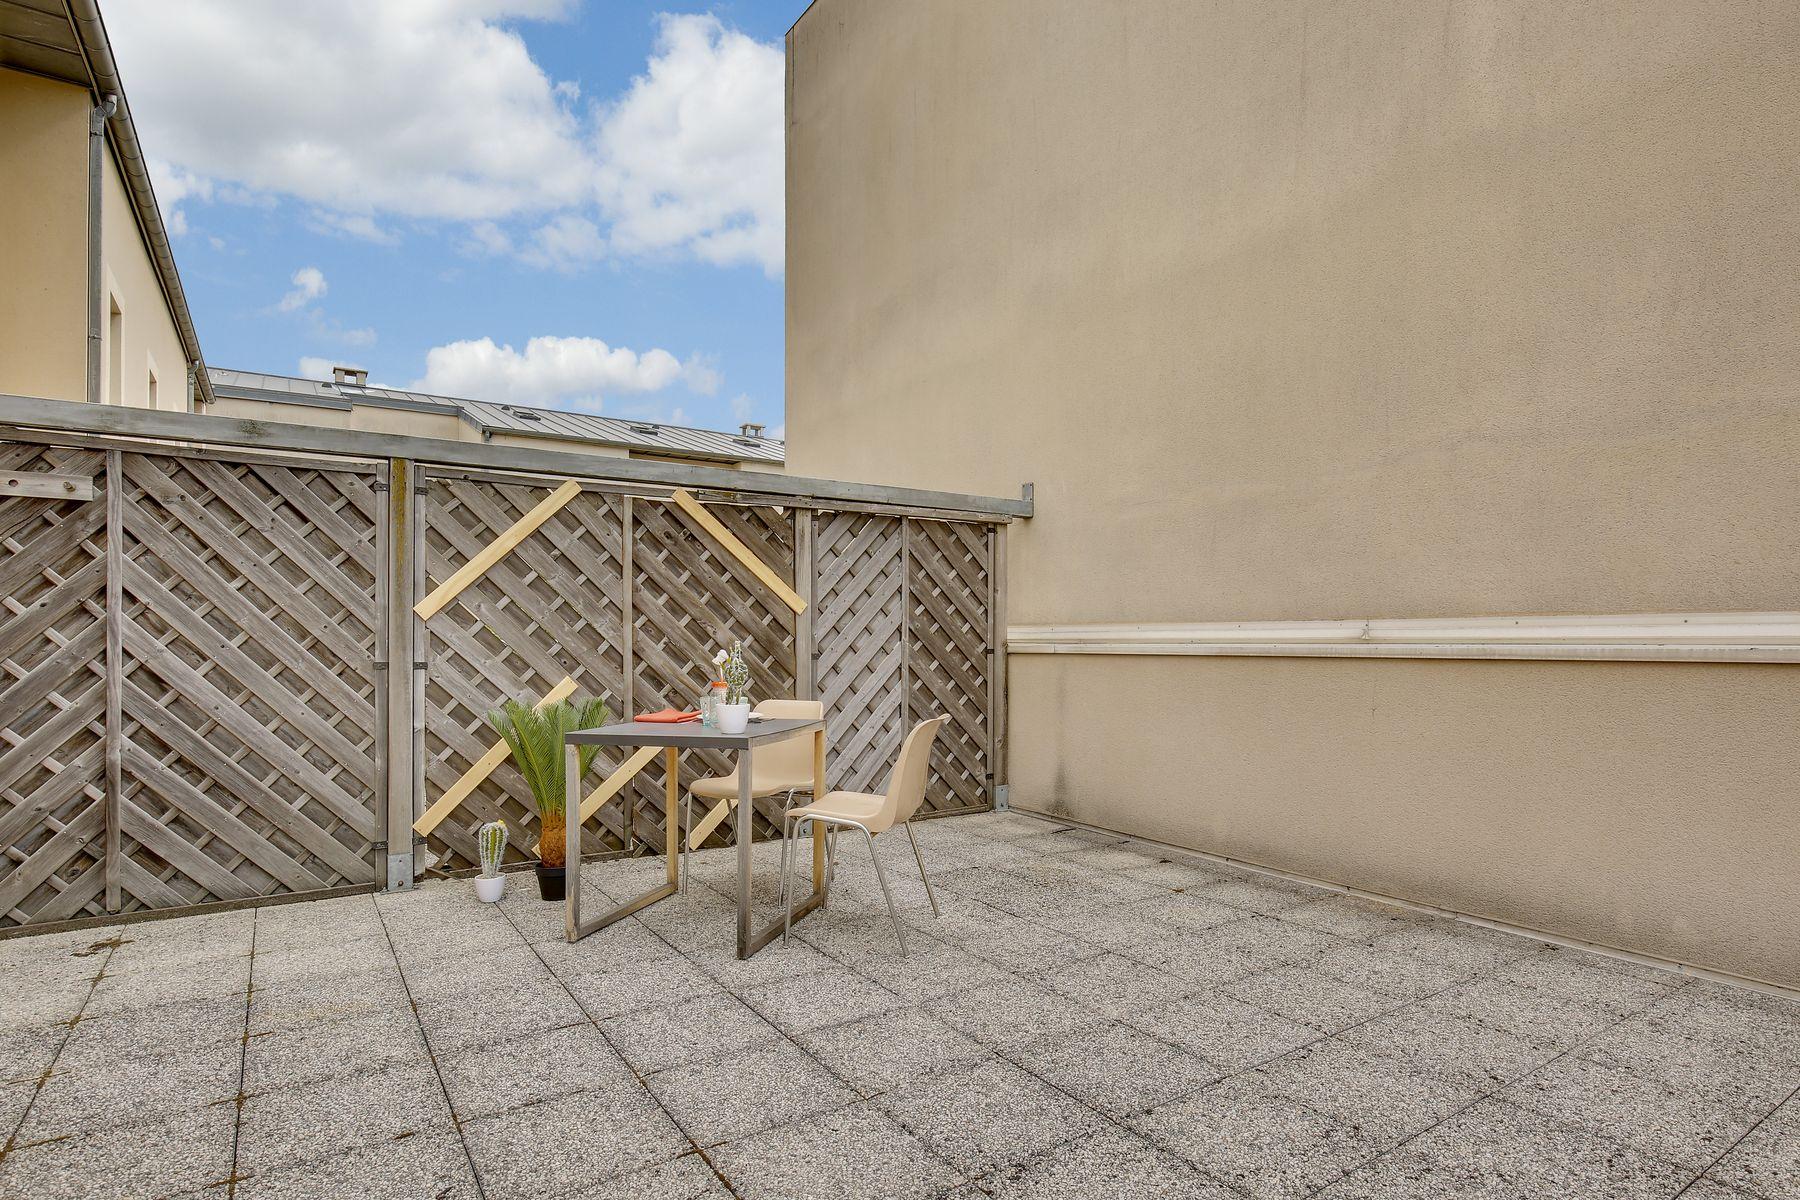 LOGIFAC résidence étudiante Ecrivains Carrières sur seine balcon